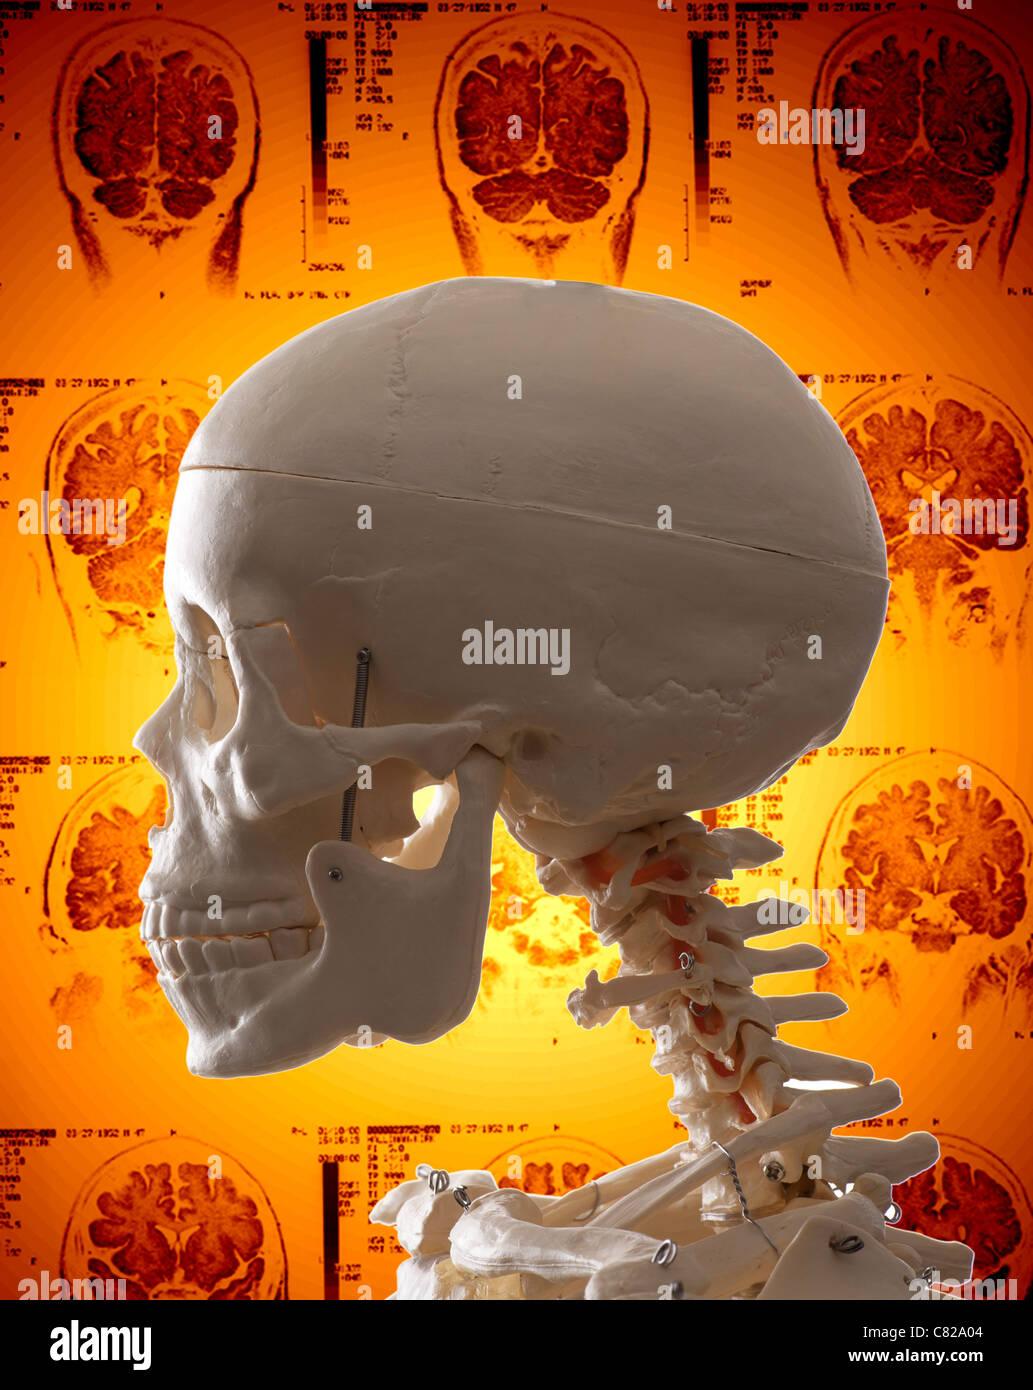 Konzept-Bild menschlicher Schädel und MRI-Hintergrund Stockbild